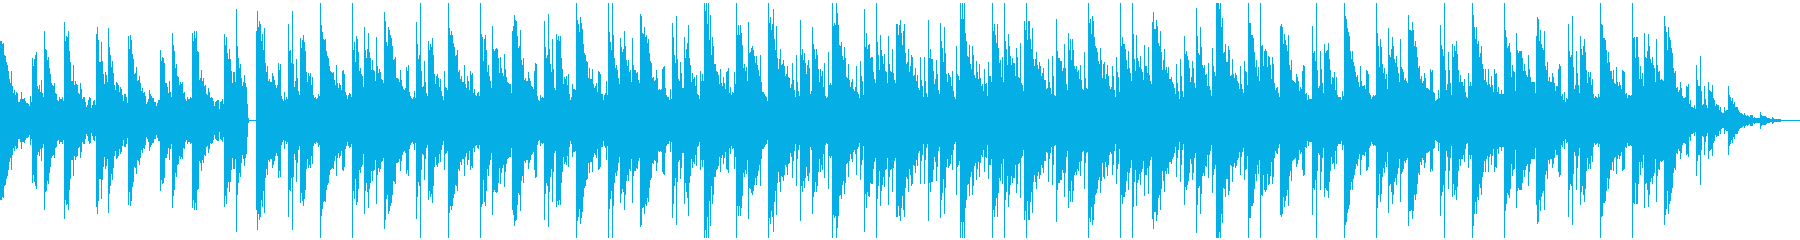 チルアウト 切な優しいローファイBGMの再生済みの波形